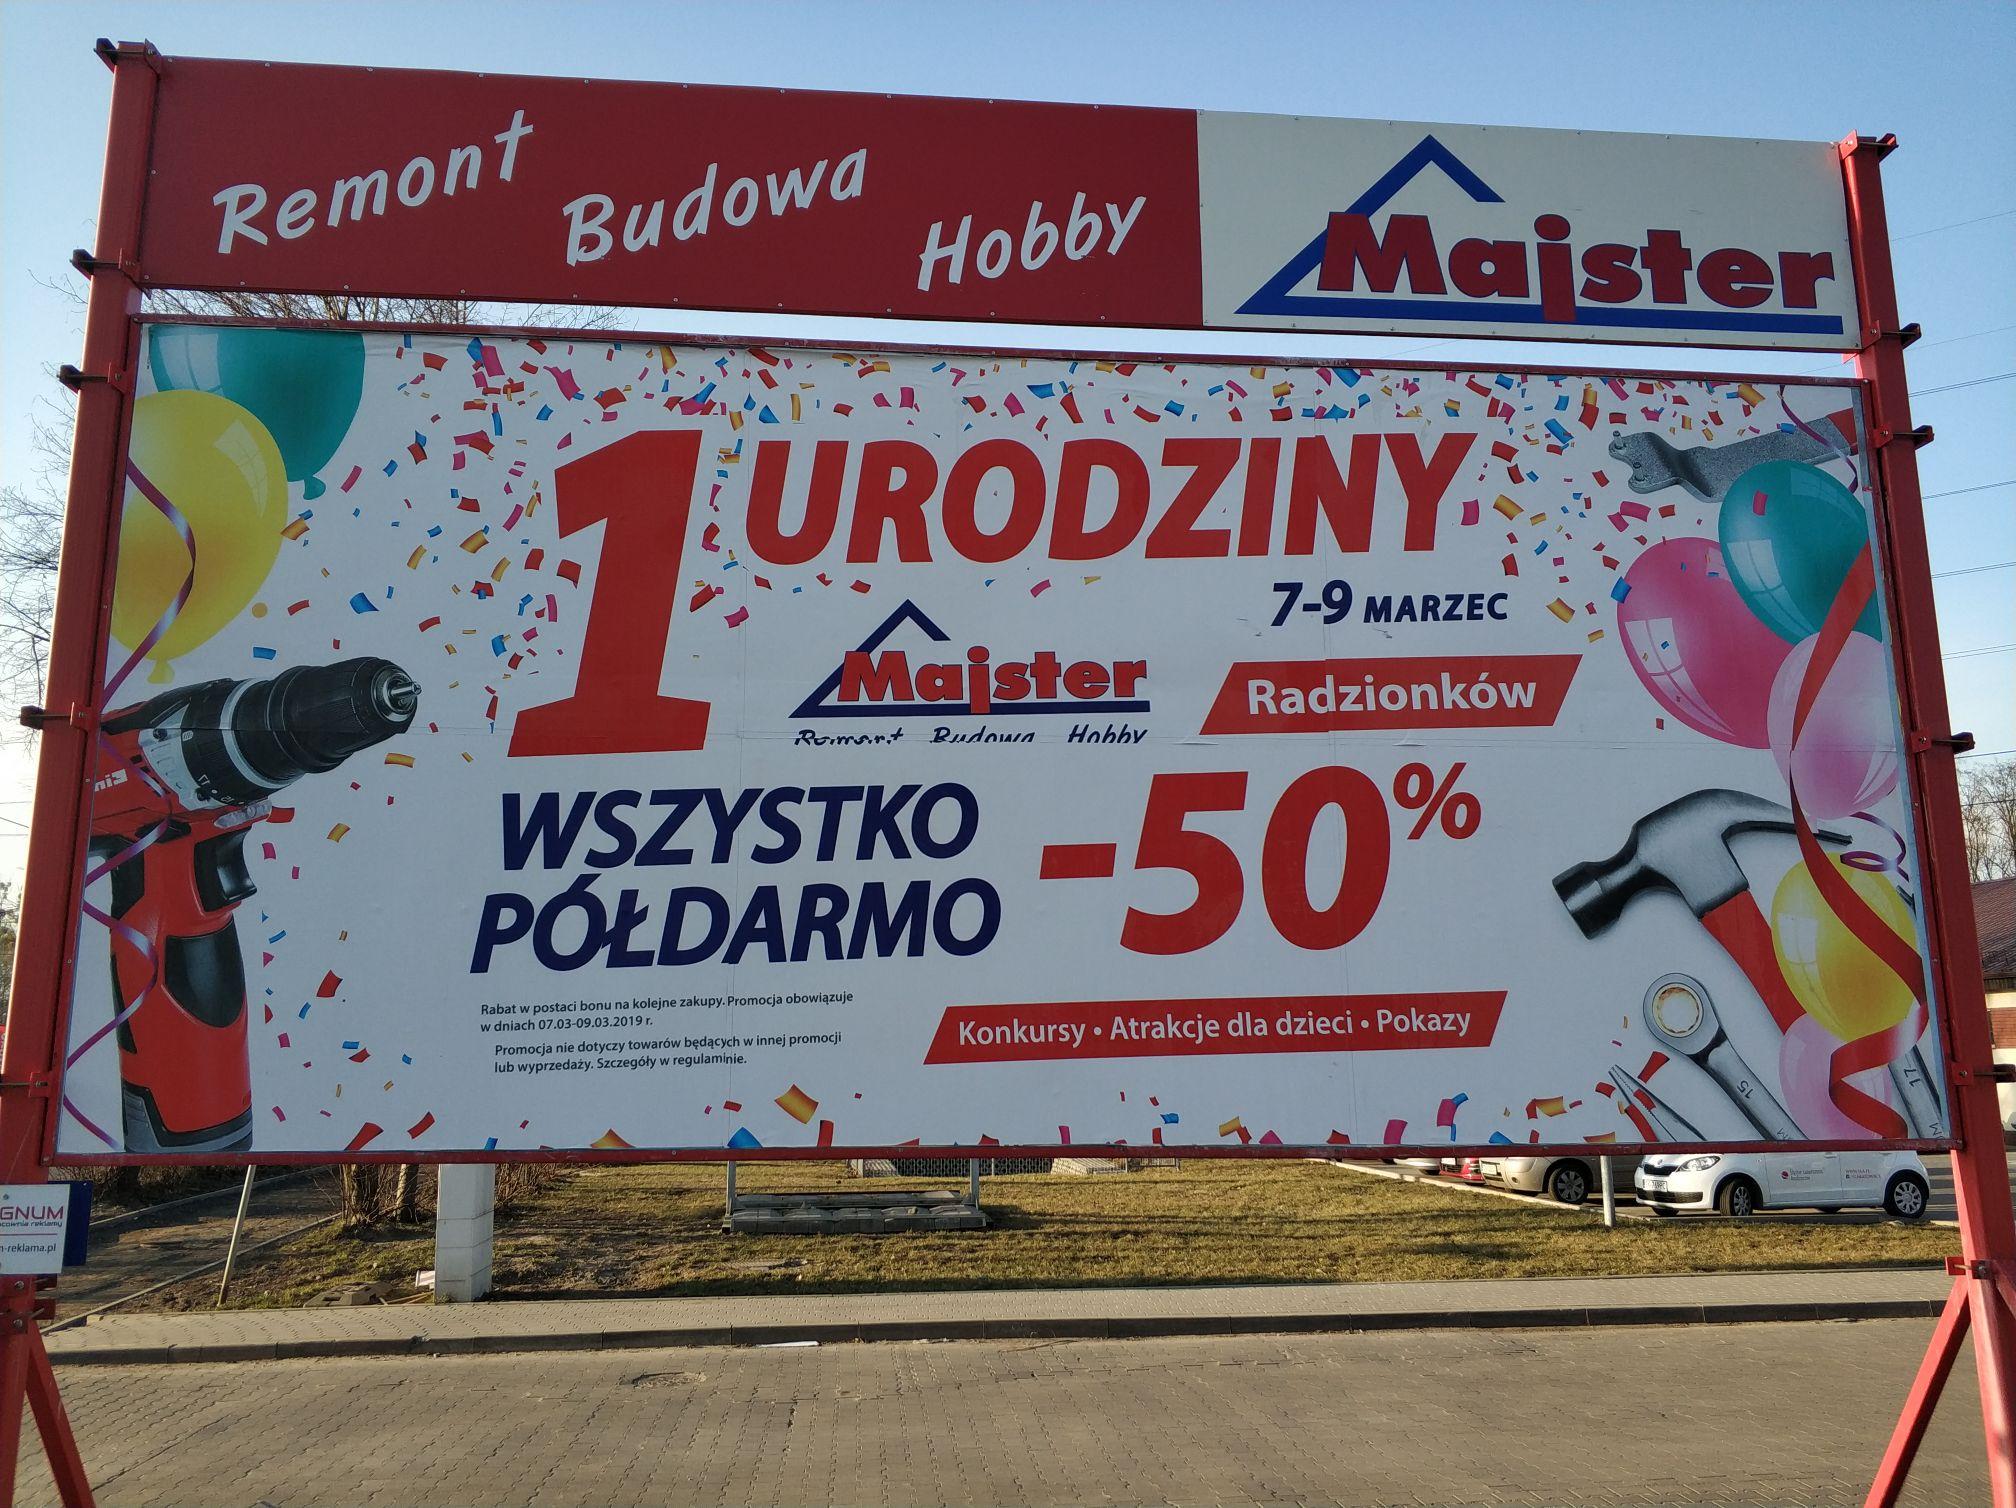 Majster Radzionków -50% na wszystko w regularnych cenach w formie bonu na następne zakupy